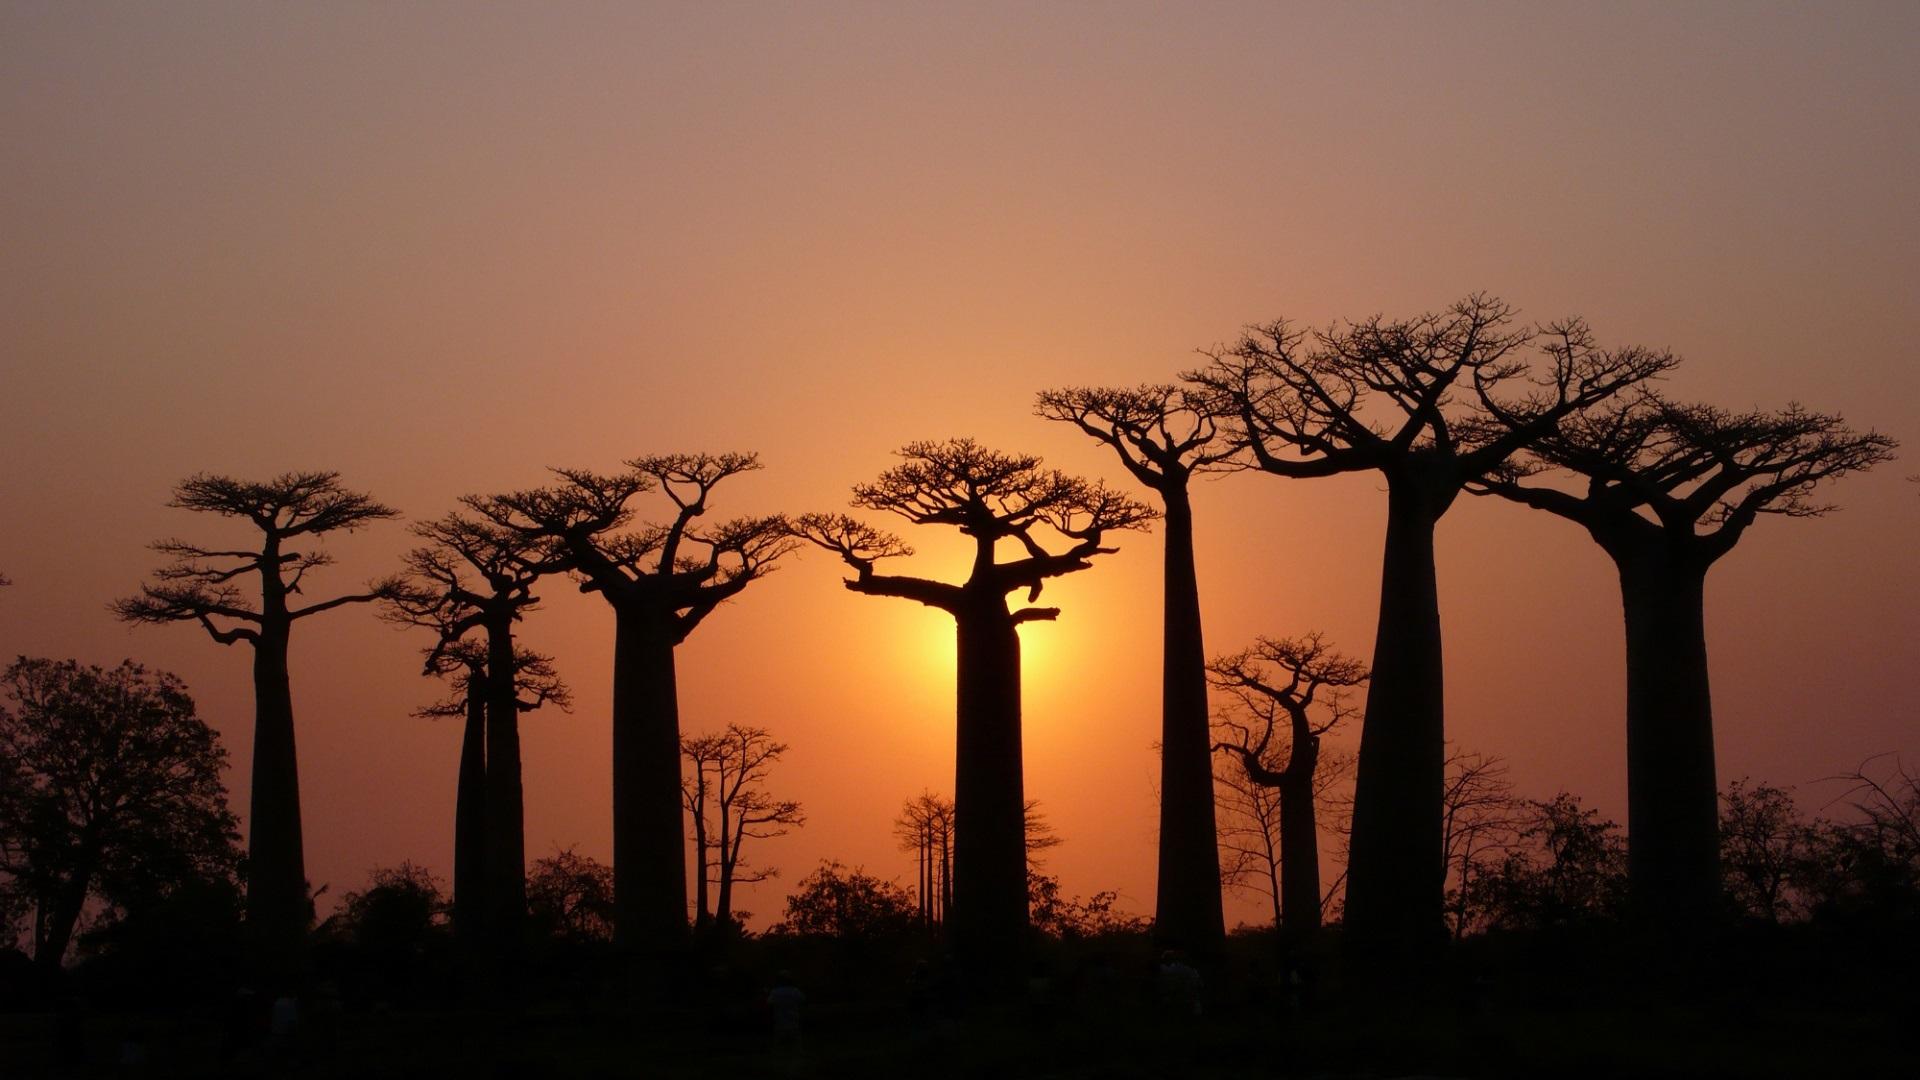 Klicke auf die Grafik für eine größere Ansicht  Name:Trees-baobabs-sky-light-dusk_1920x1080.jpg Hits:373 Größe:433,1 KB ID:78707